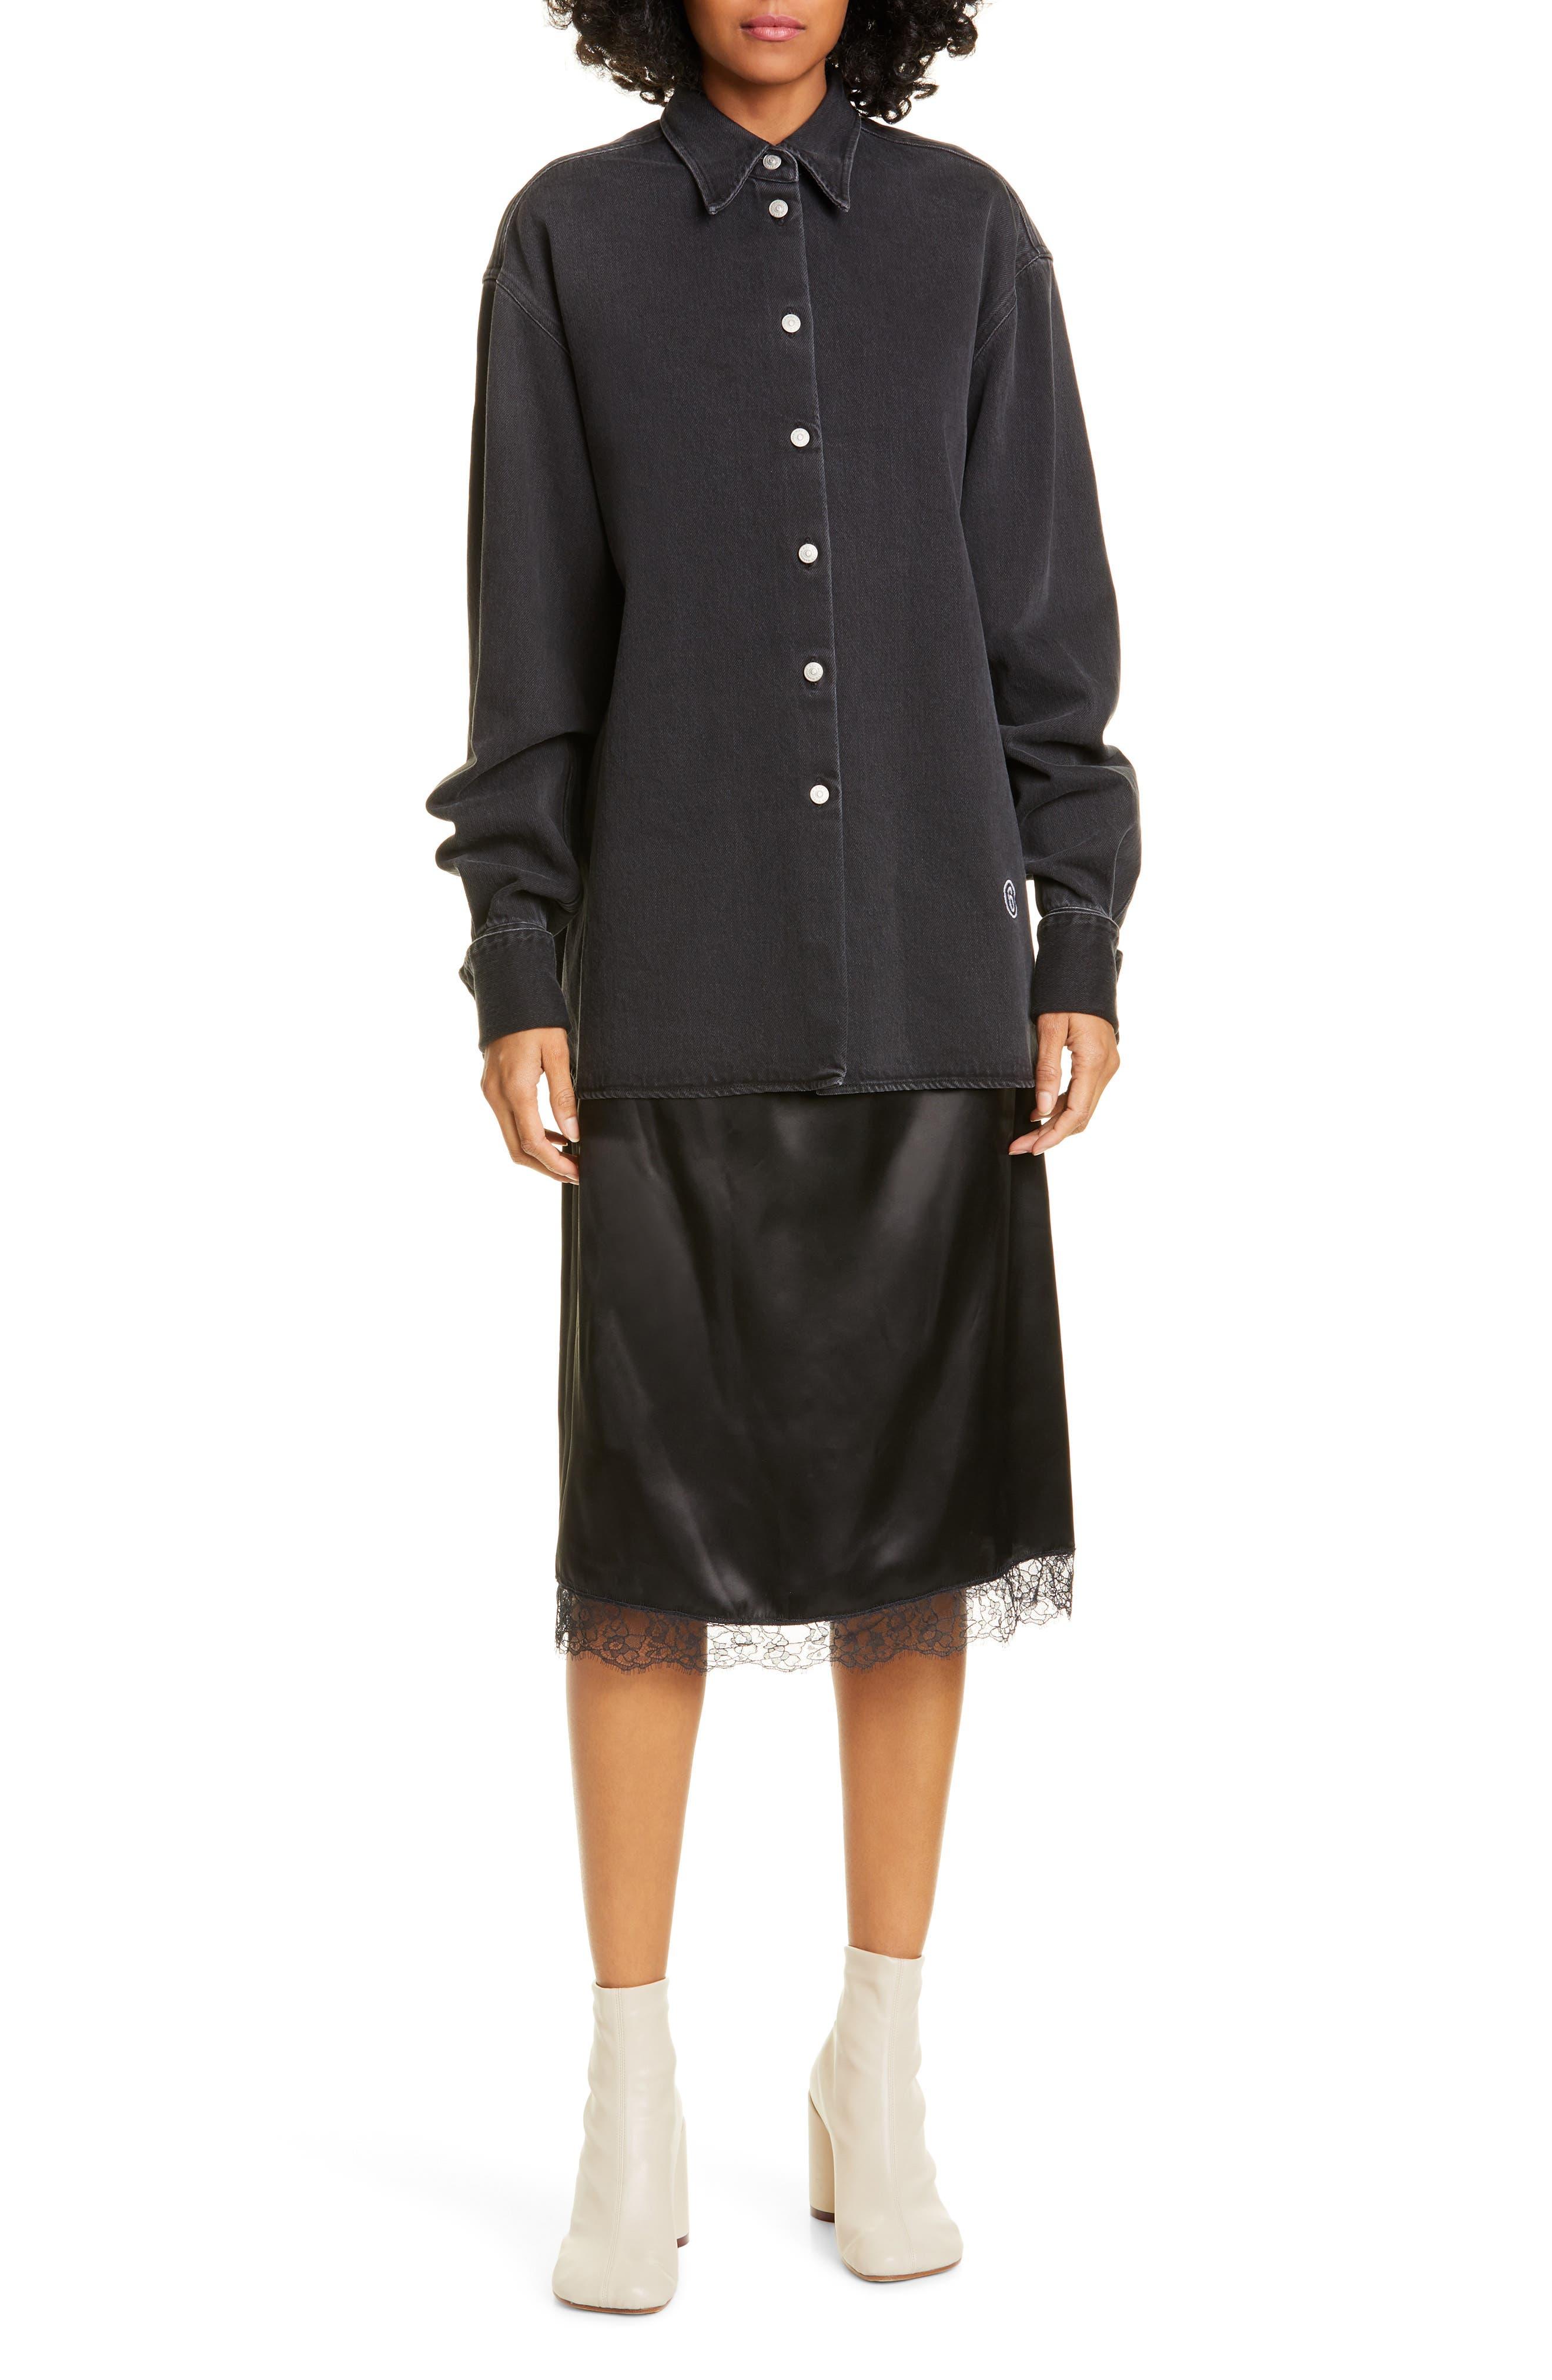 Mm6 Maison Margiela Dresses Slip Hem Long Sleeve Denim Shirtdress